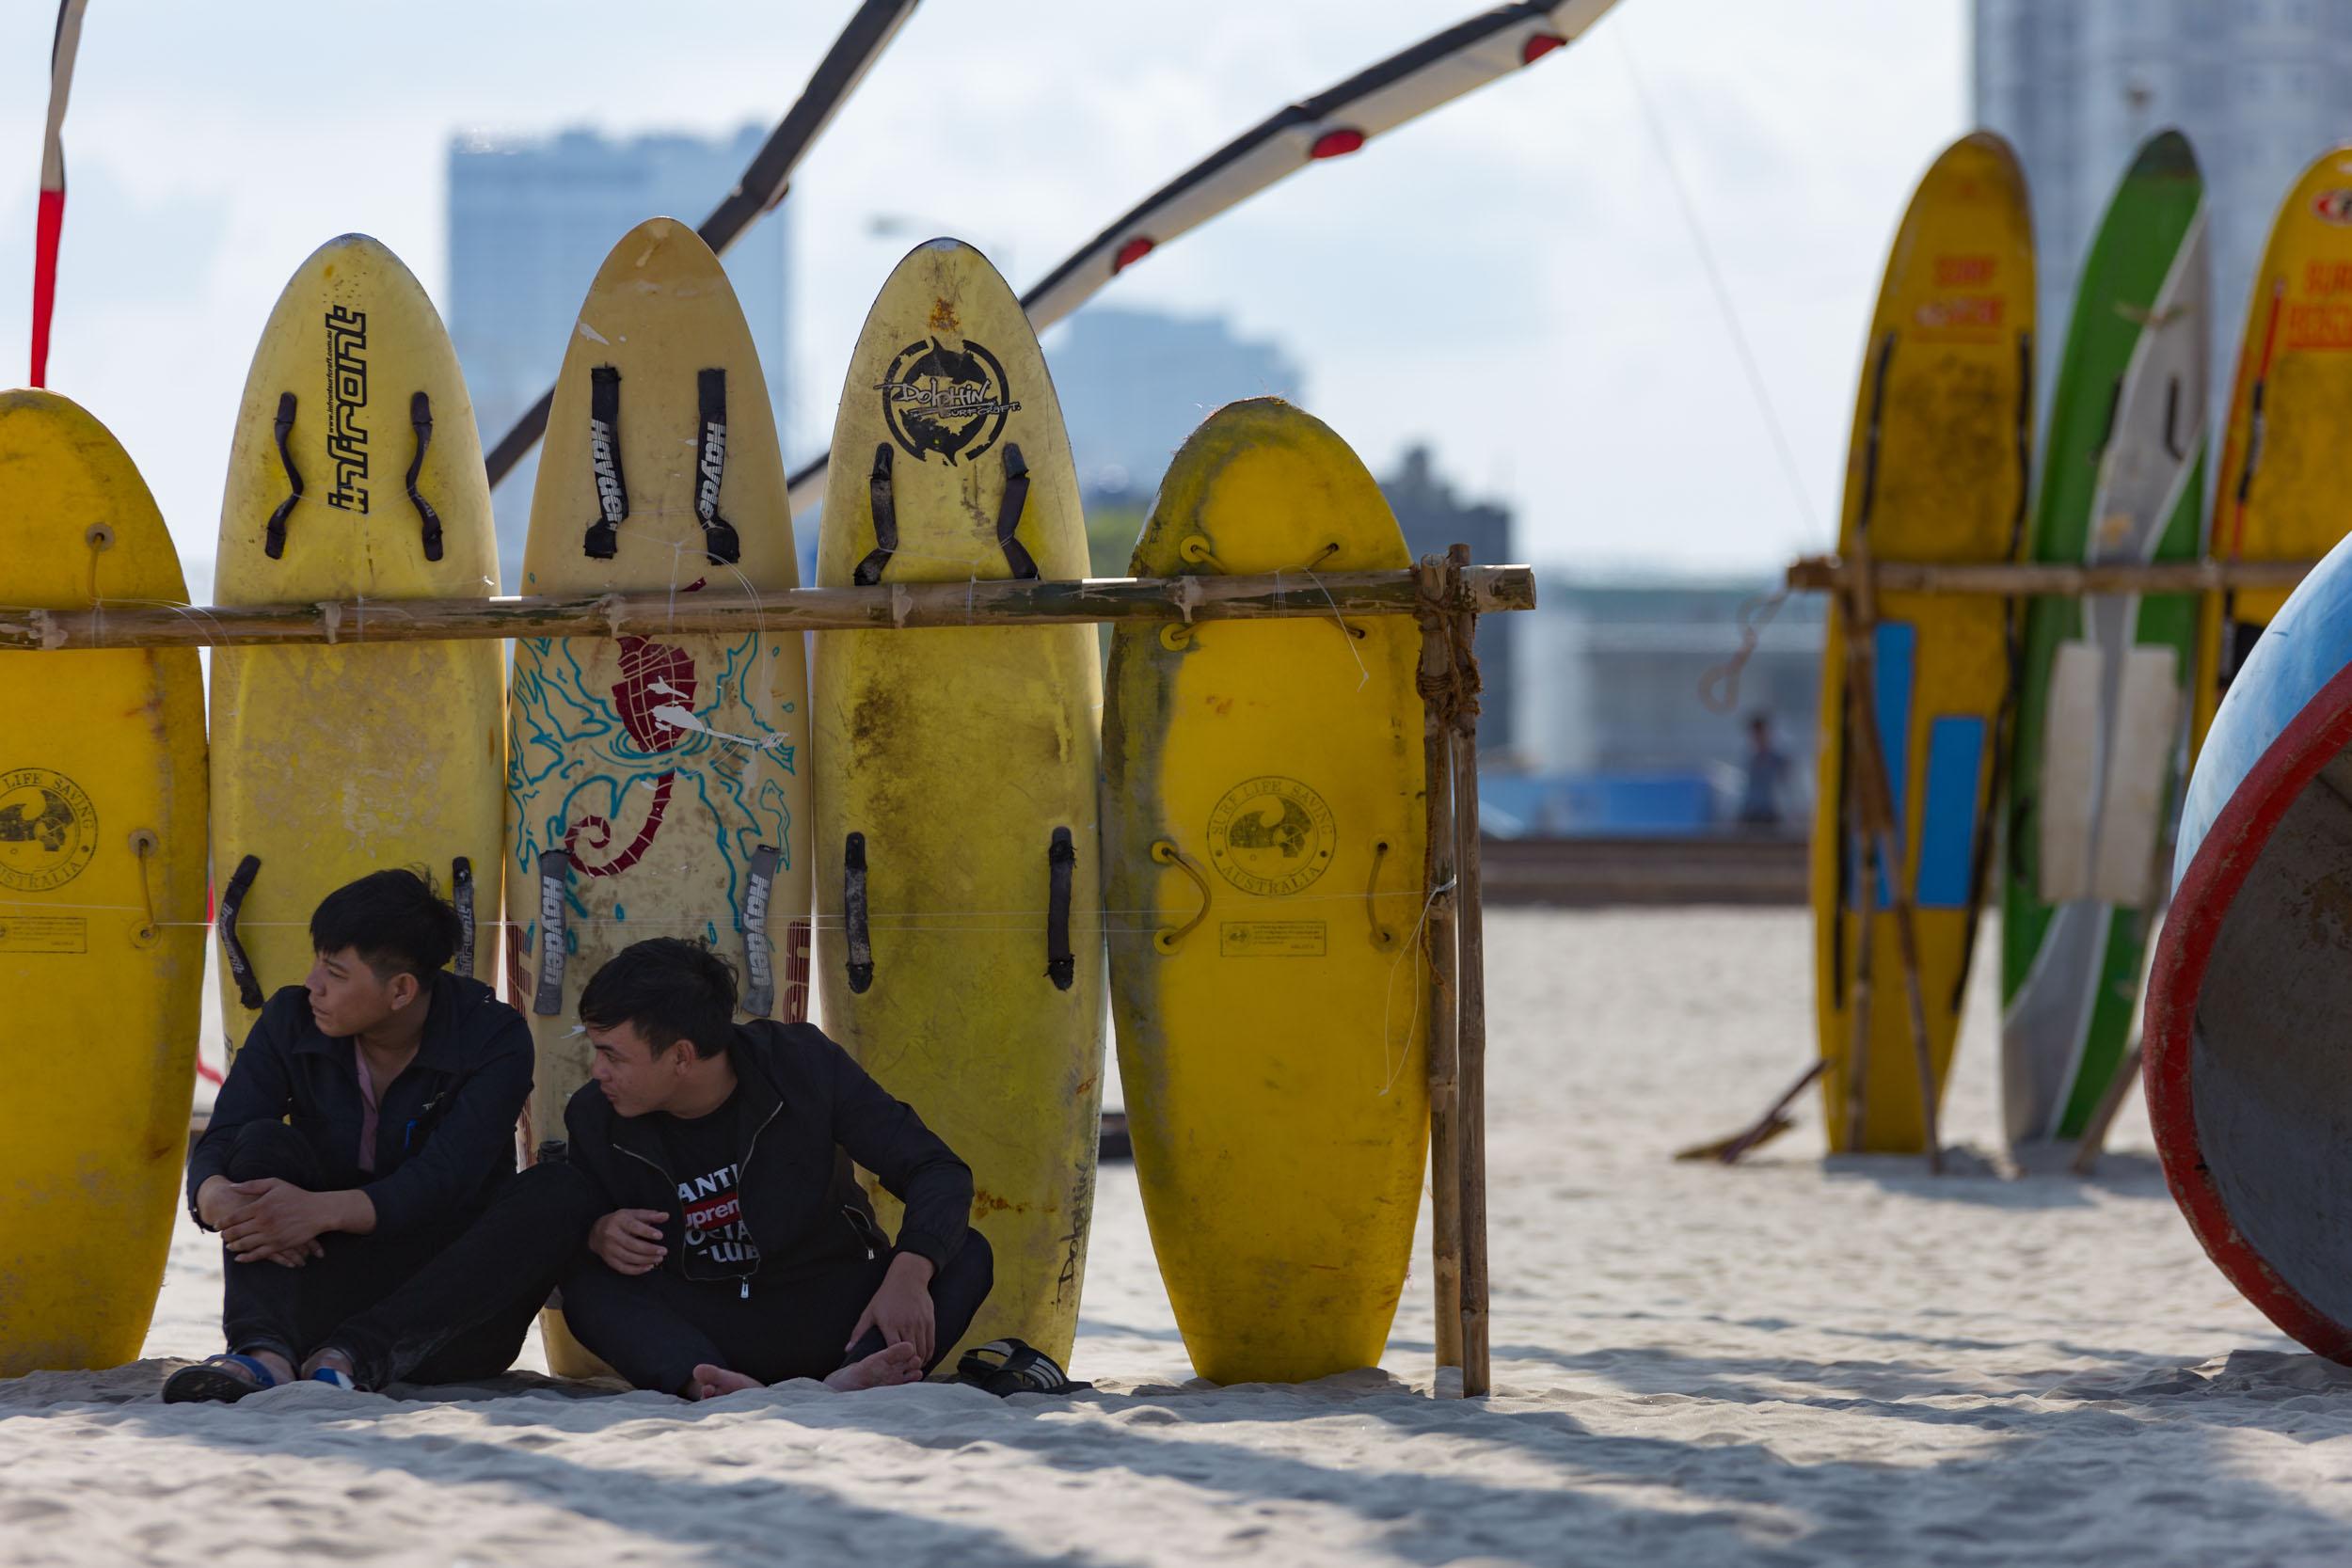 Surfboards Da Nang.